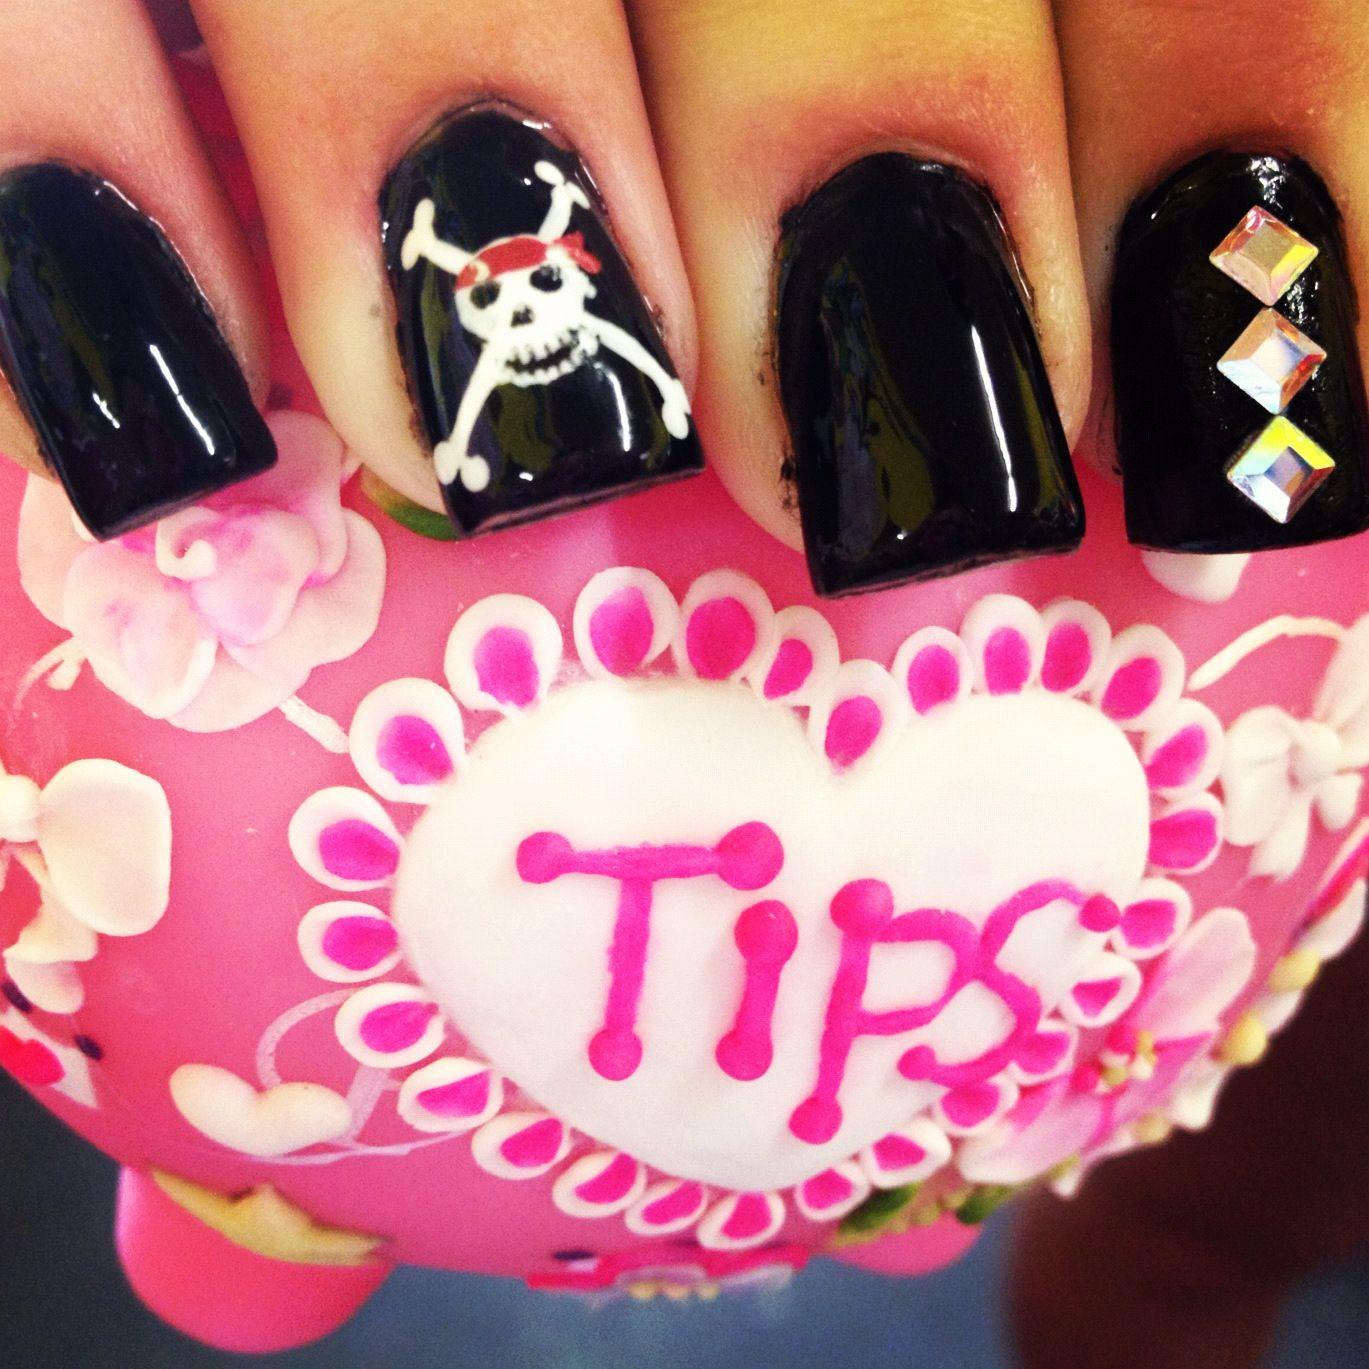 Pirates nails | Pirate nails, Halloween nails, Nails